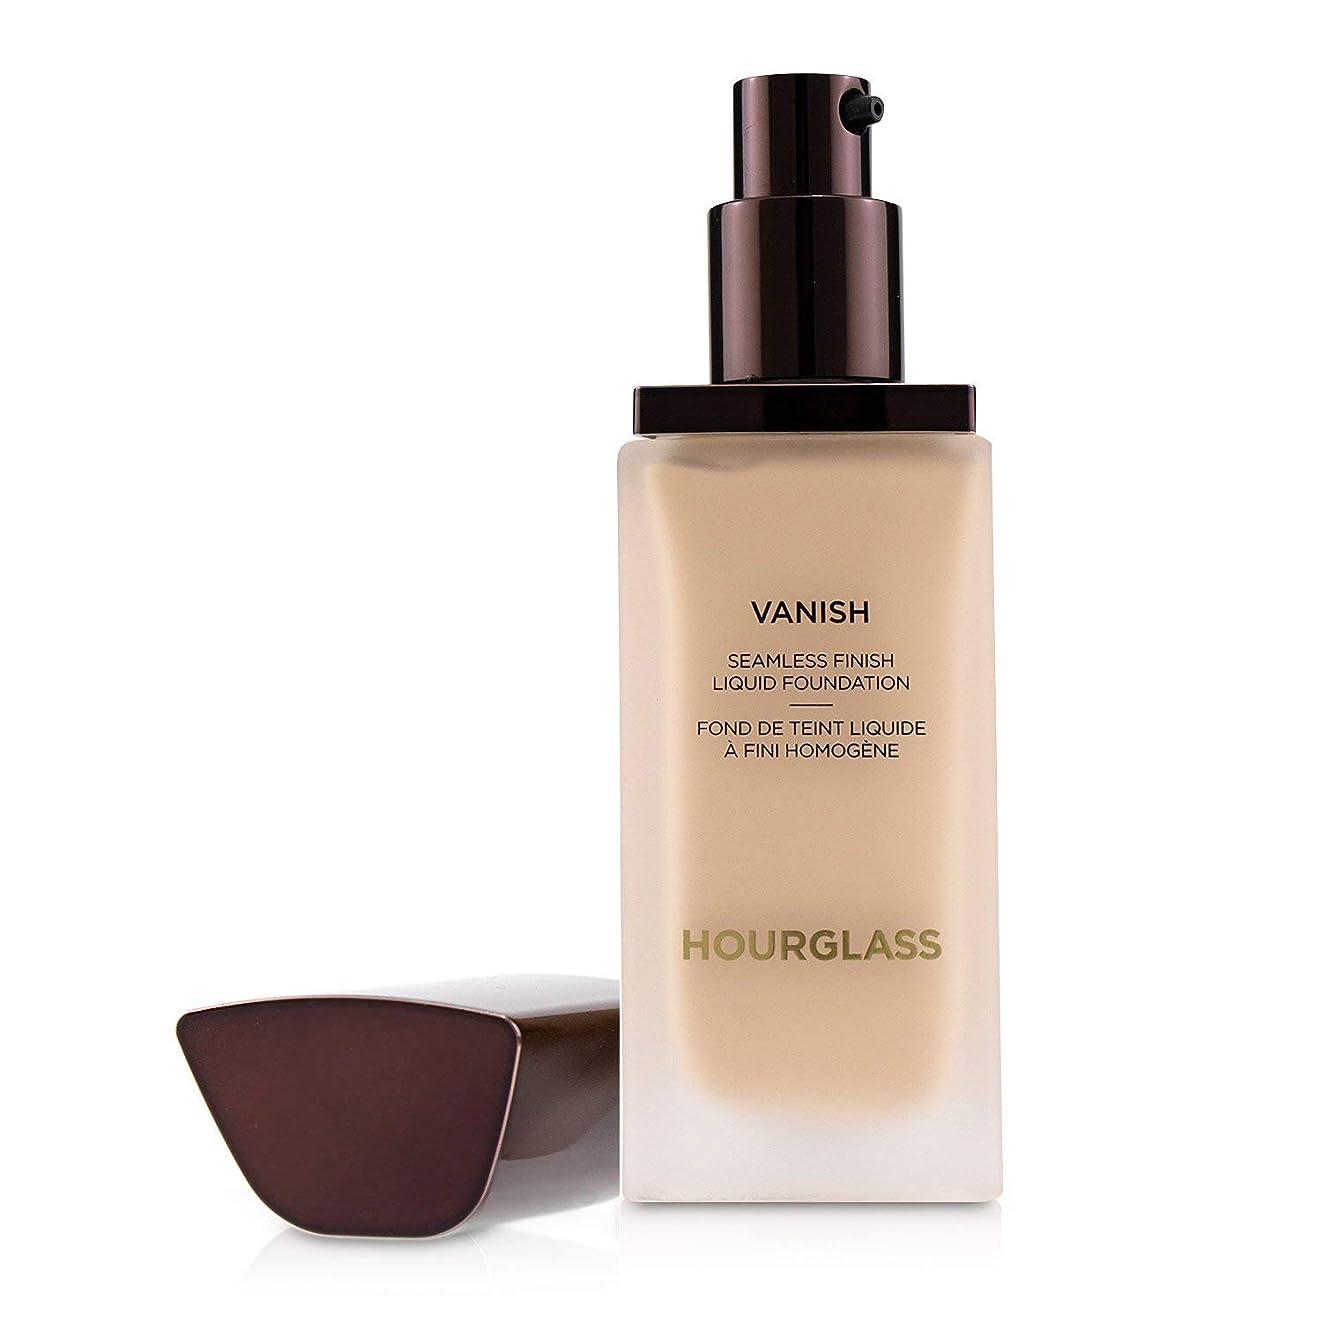 アワーグラス Vanish Seamless Finish Liquid Foundation - # Cream 25ml/0.84oz並行輸入品